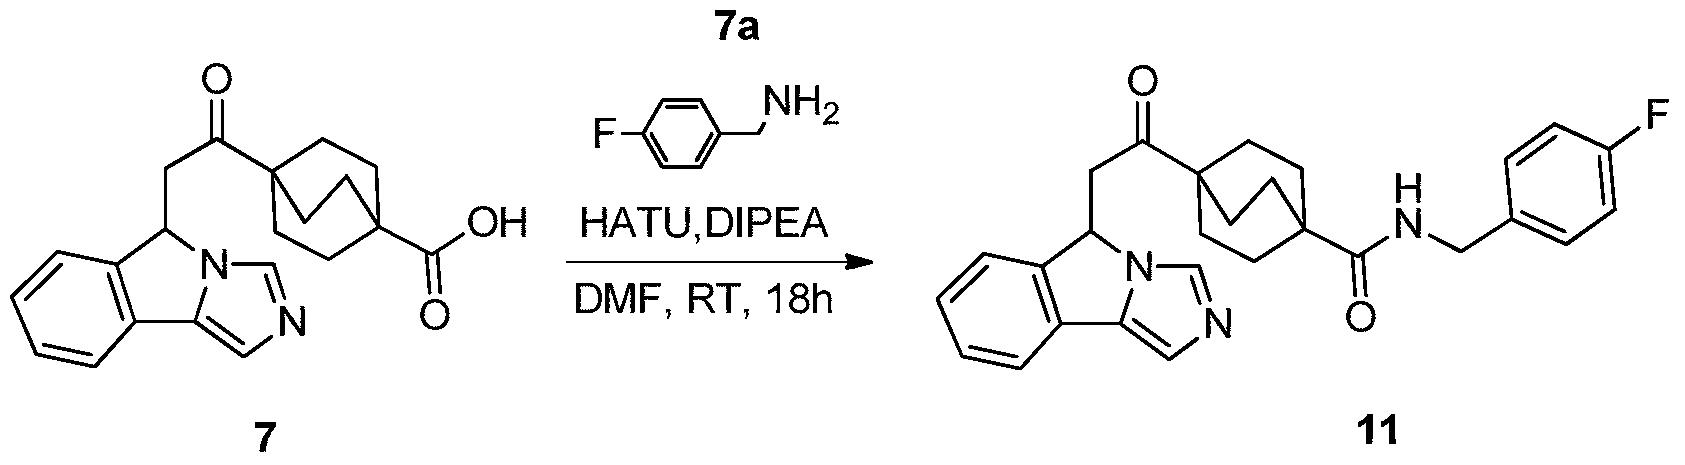 Figure PCTCN2017084604-appb-000283